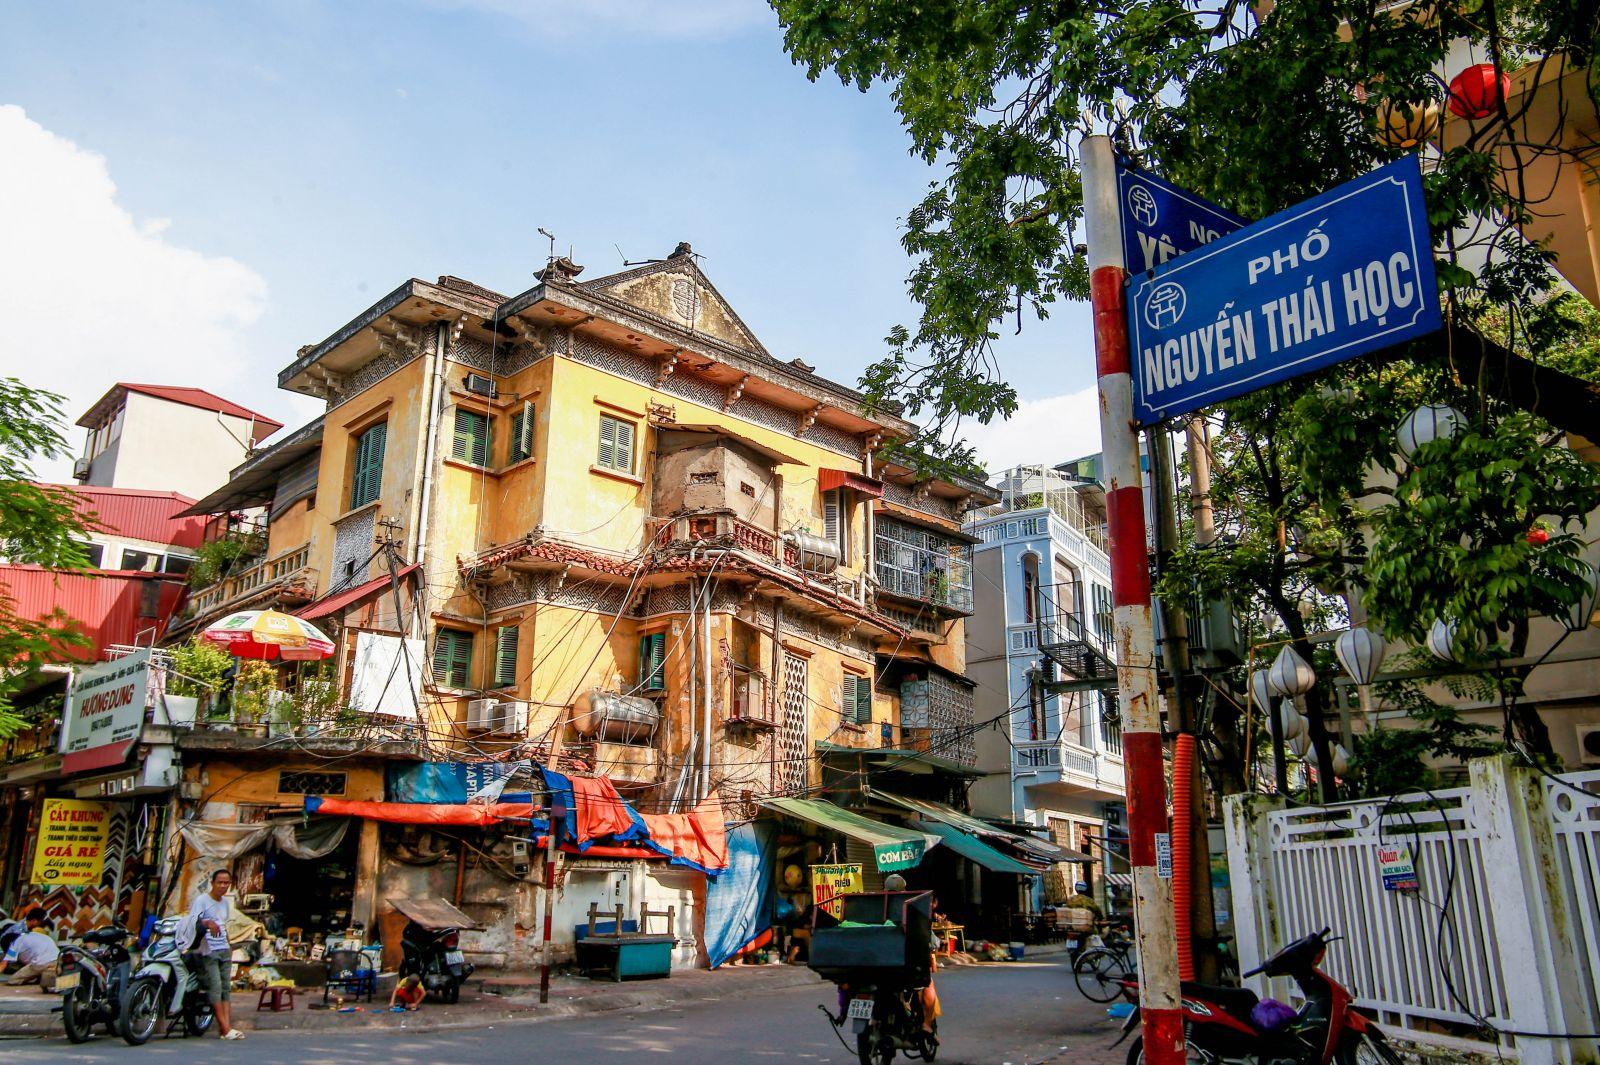 Căn biệt thự ở số 65 Nguyễn Thái Học. Ảnh: Đỗ Linh.